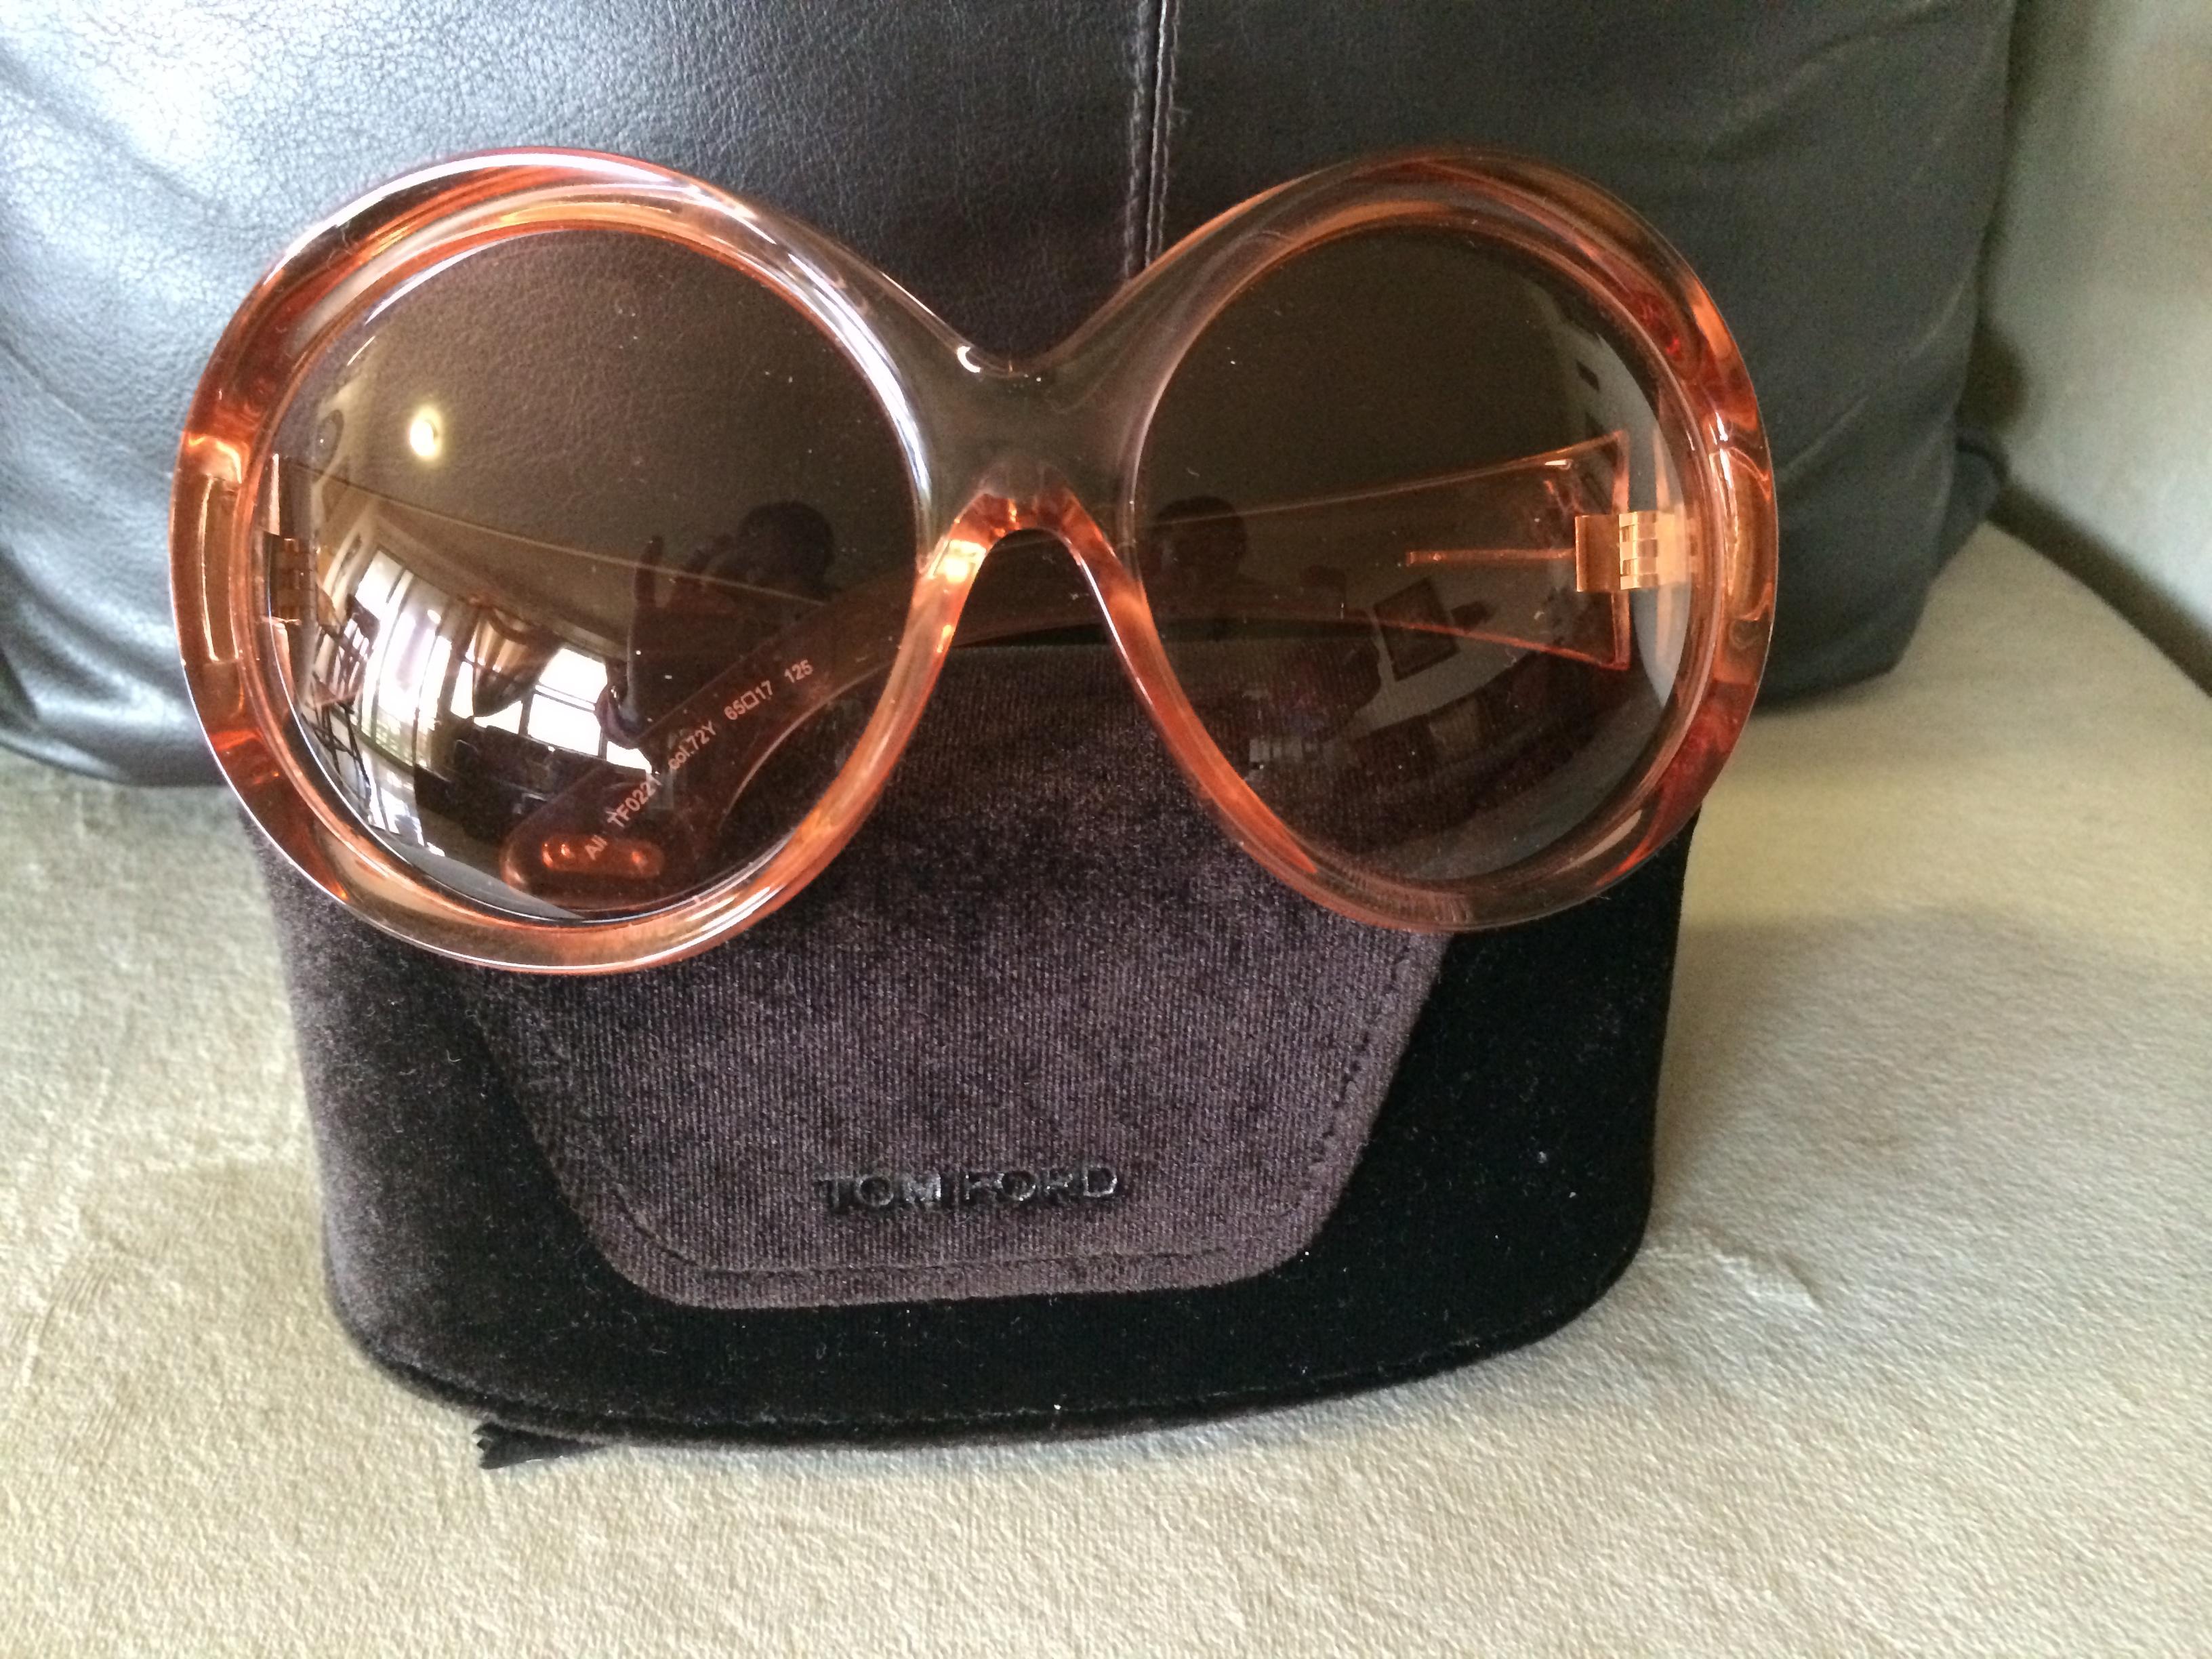 76e74f9a51 TOM FORD Oversized Ali Sunglasses · NoëlNY Concierge   Consignment ...